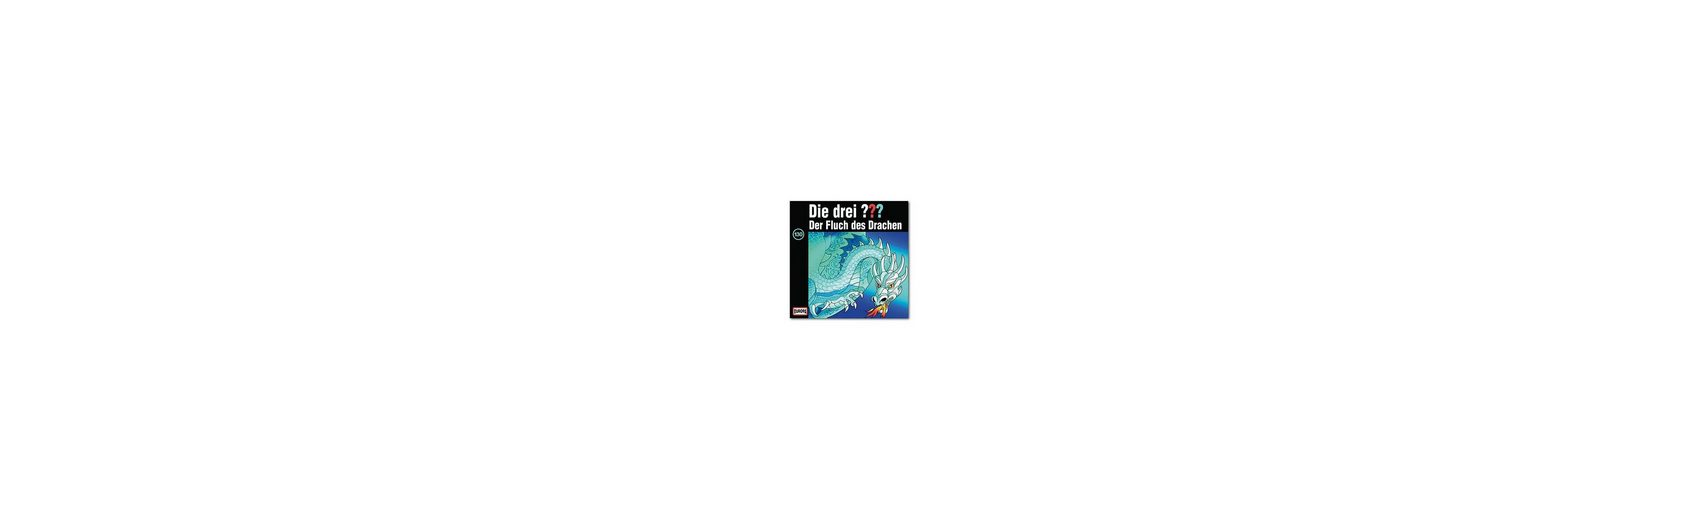 SONY BMG MUSIC CD Die Drei ??? 130 - Der Fluch des Drachen